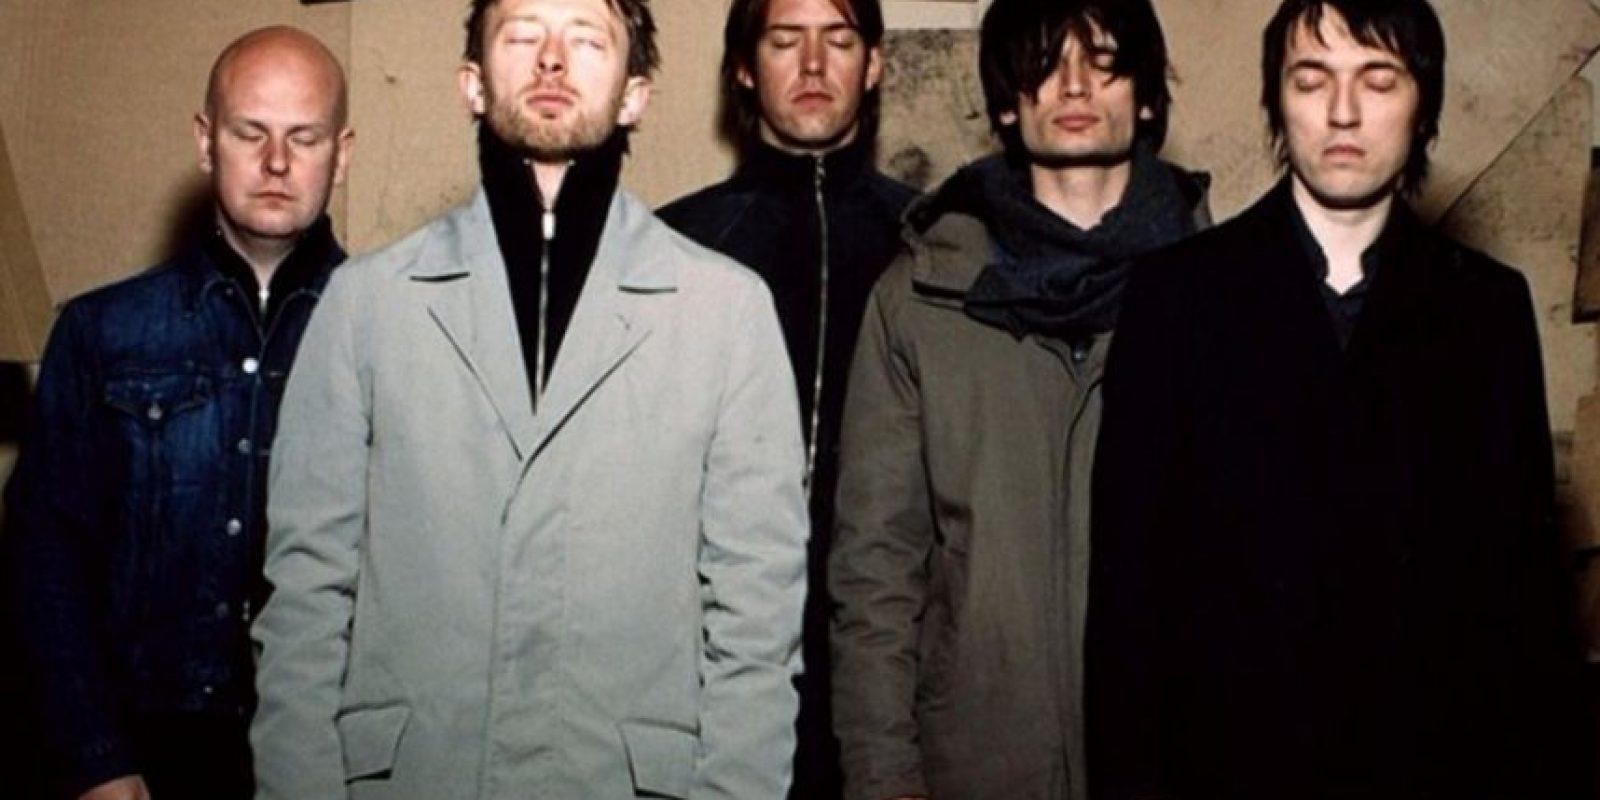 """La canción fue en un comienzo un fracaso comercial, se convirtió en un éxito mundial varios meses después del lanzamiento de su álbum debut, """"Pablo Honey"""" (1993) Foto:Tumblr"""